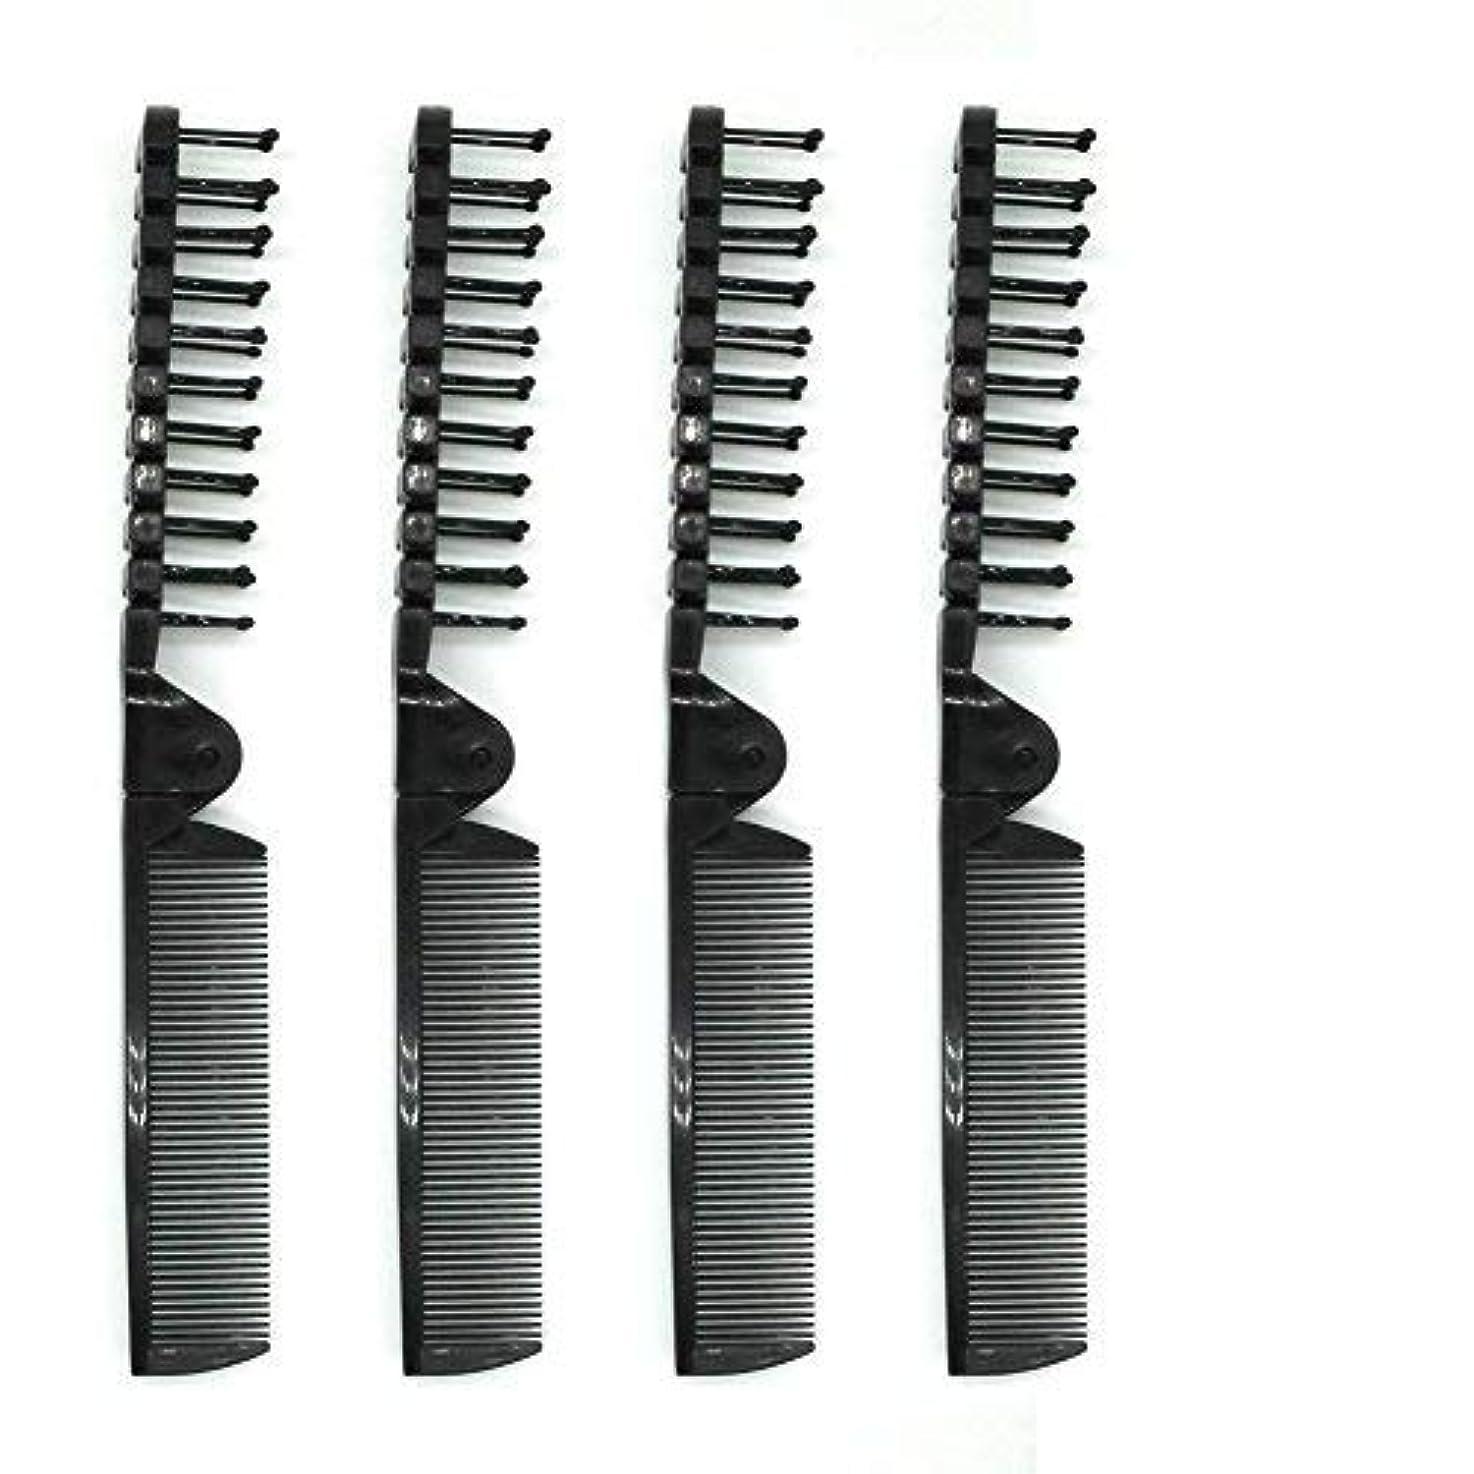 腸開始会社PUTYSUUN Portable Travel Comb Brush Combo Folding, Antistatic (Black) Pack of 4 [並行輸入品]